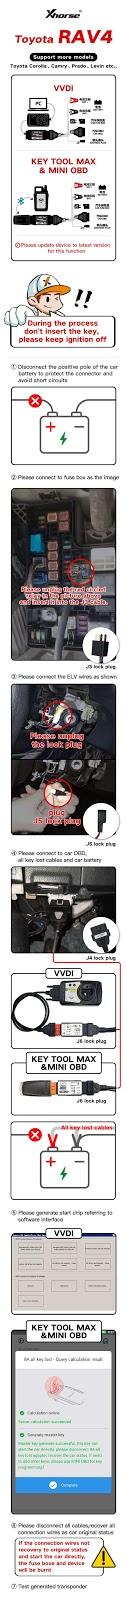 vvdi-8a-adapter-toyota-rav4-akl